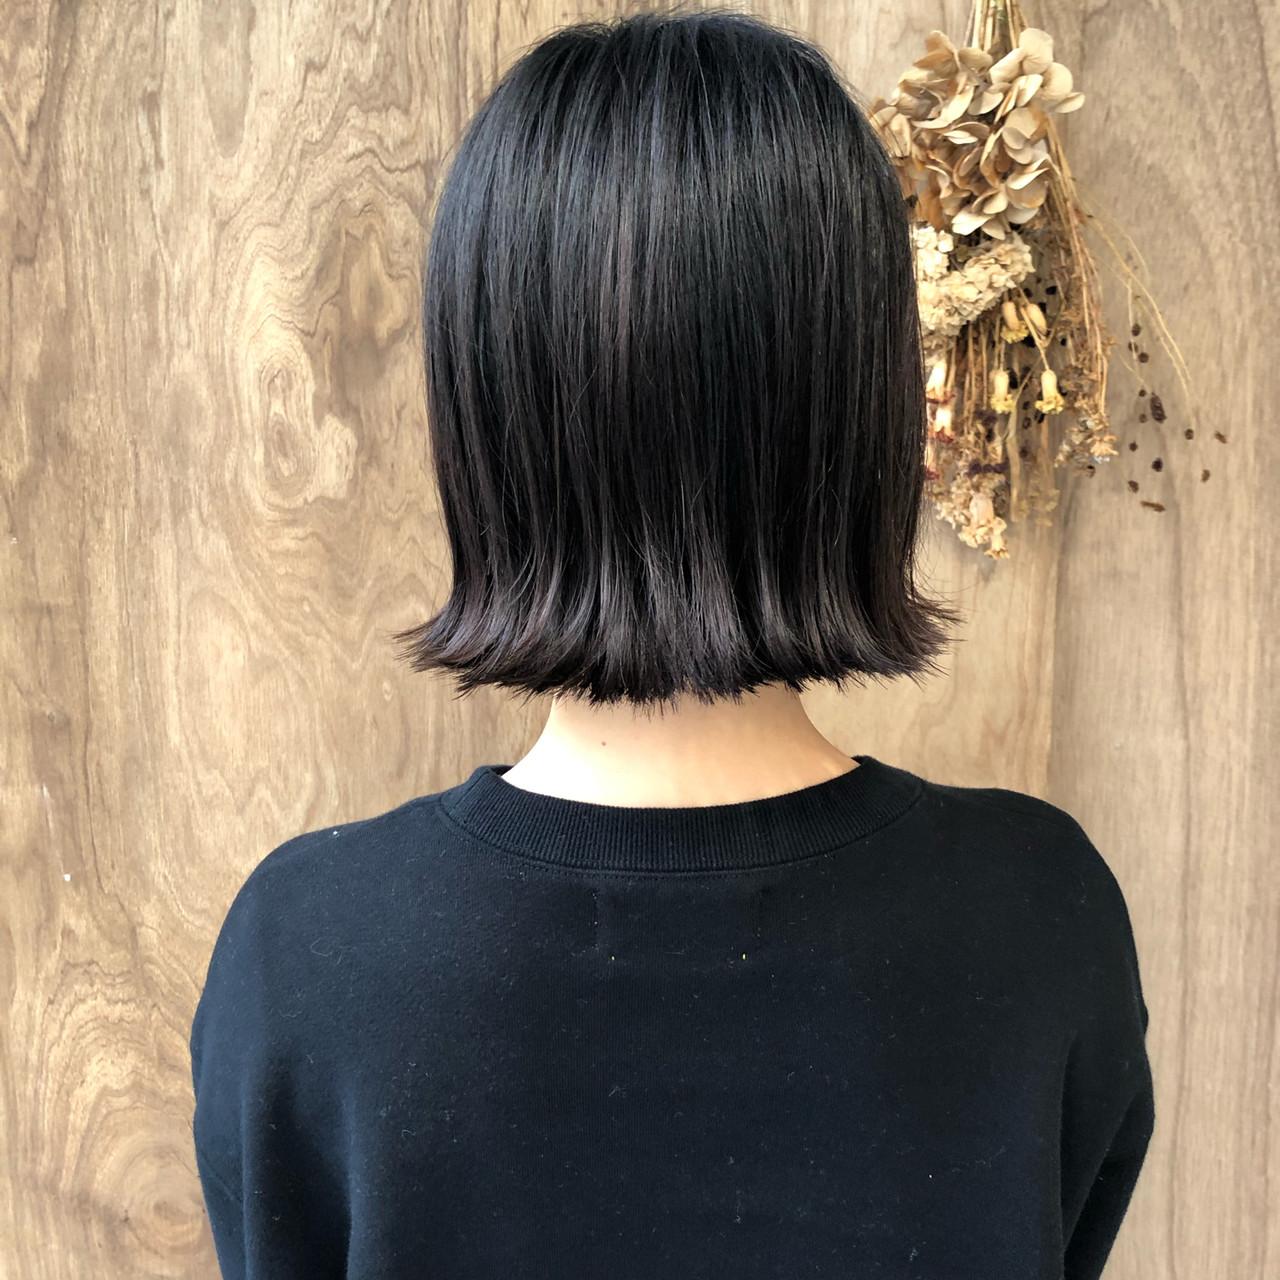 ミニボブ 外ハネボブ ハンサムショート 切りっぱなしボブ ヘアスタイルや髪型の写真・画像